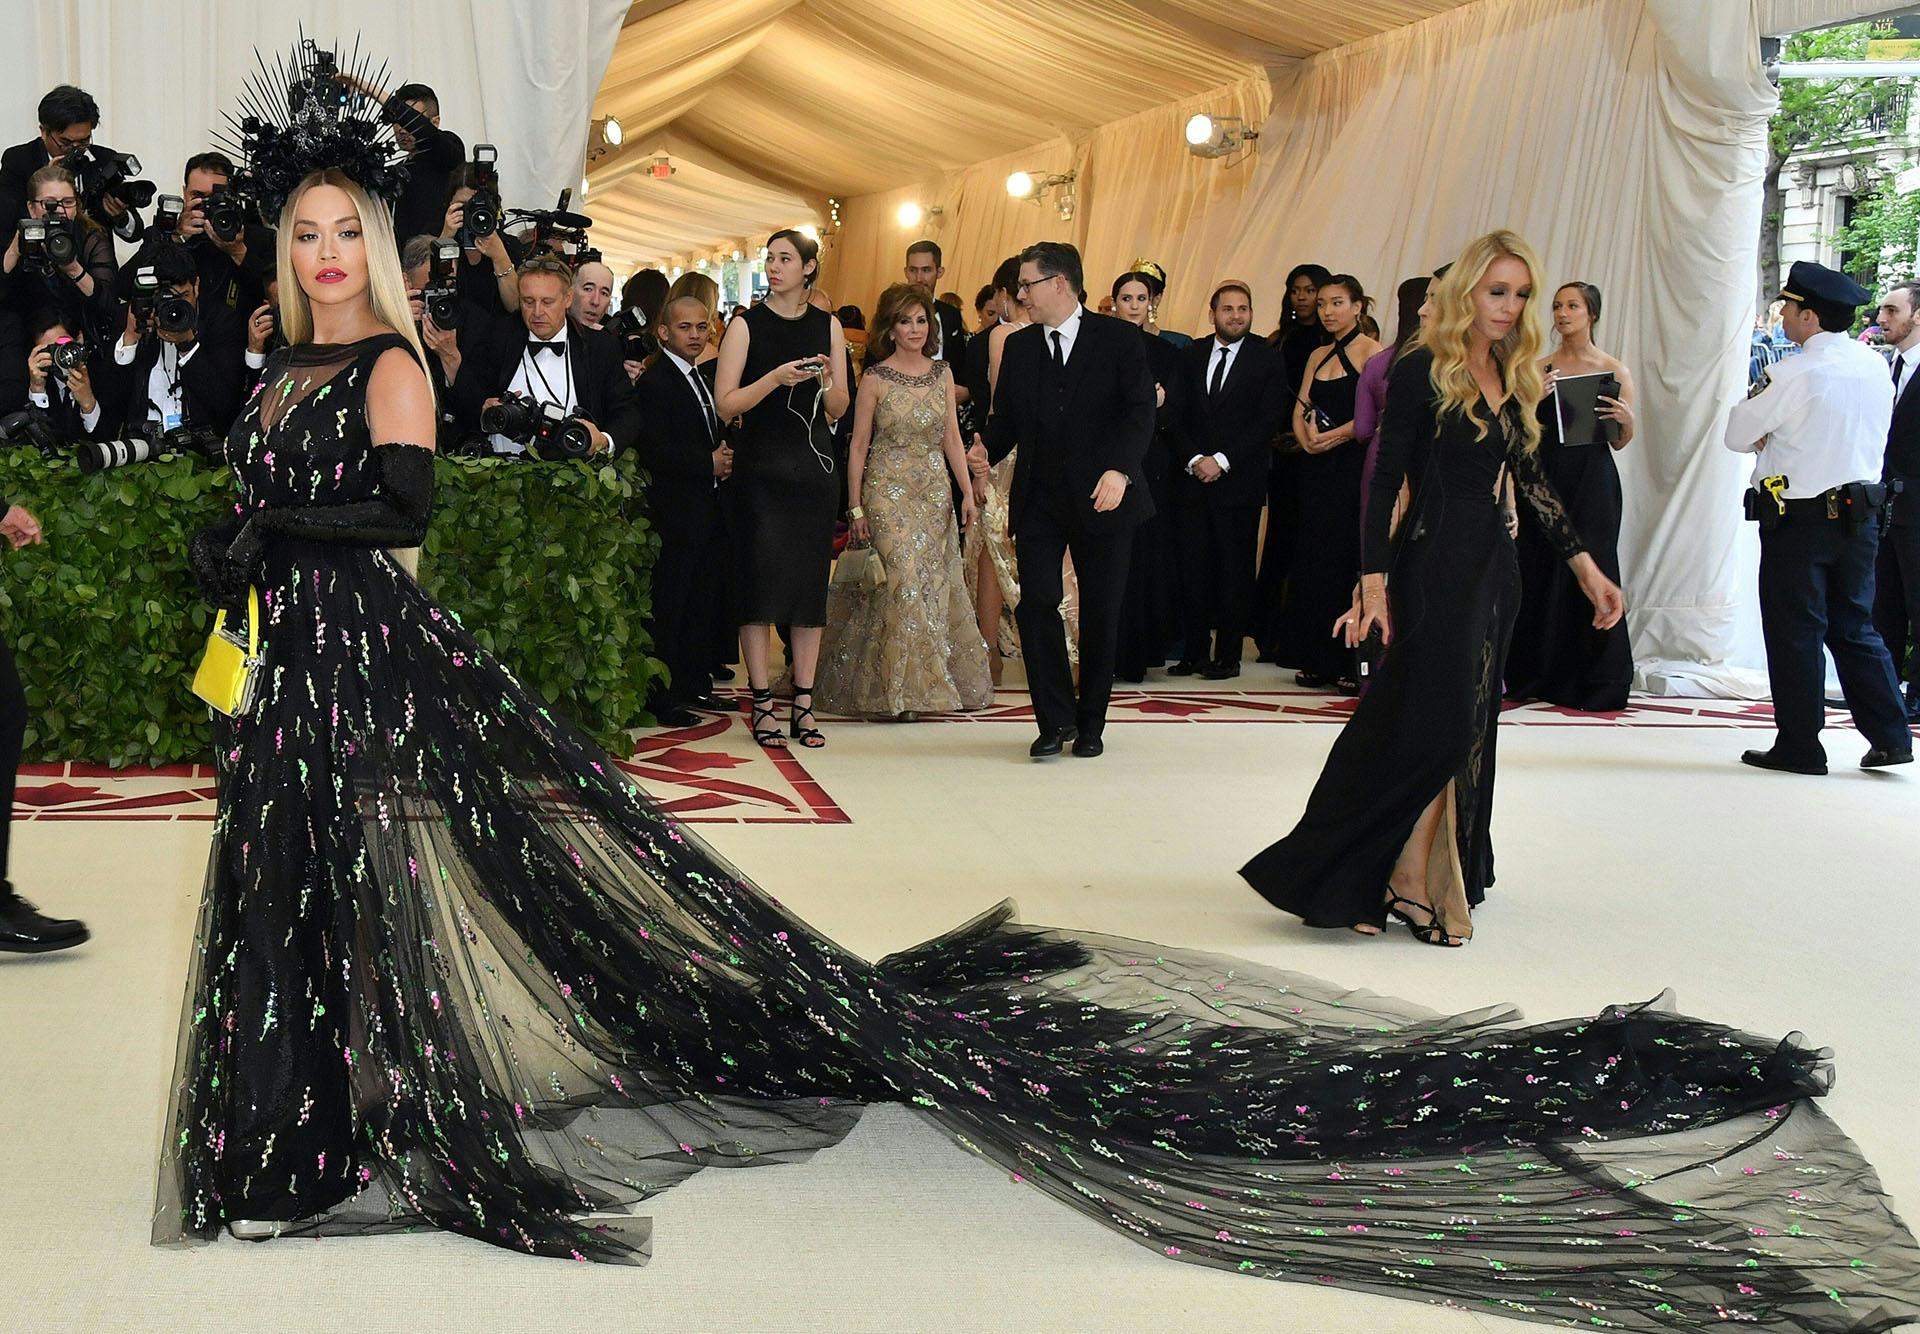 Rita Ora espectacular con un amplia cola de 3 metros de tul un diseño de Prada